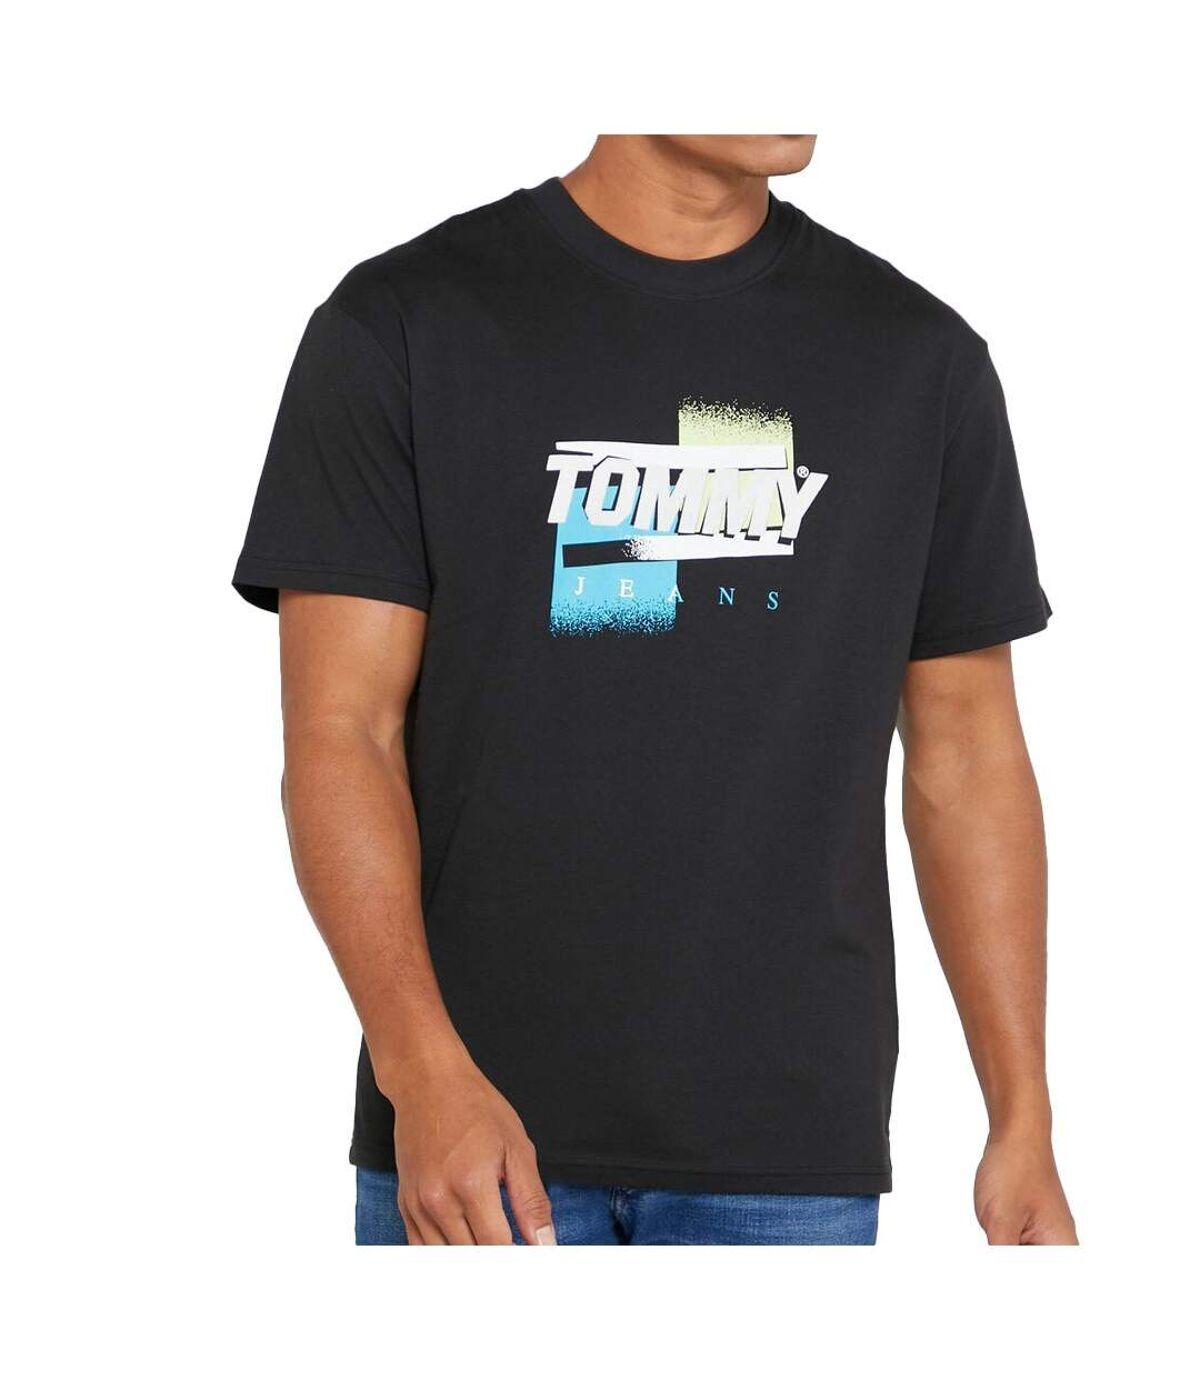 T-shirt Noir Homme Tommy Jeans Color Graphic